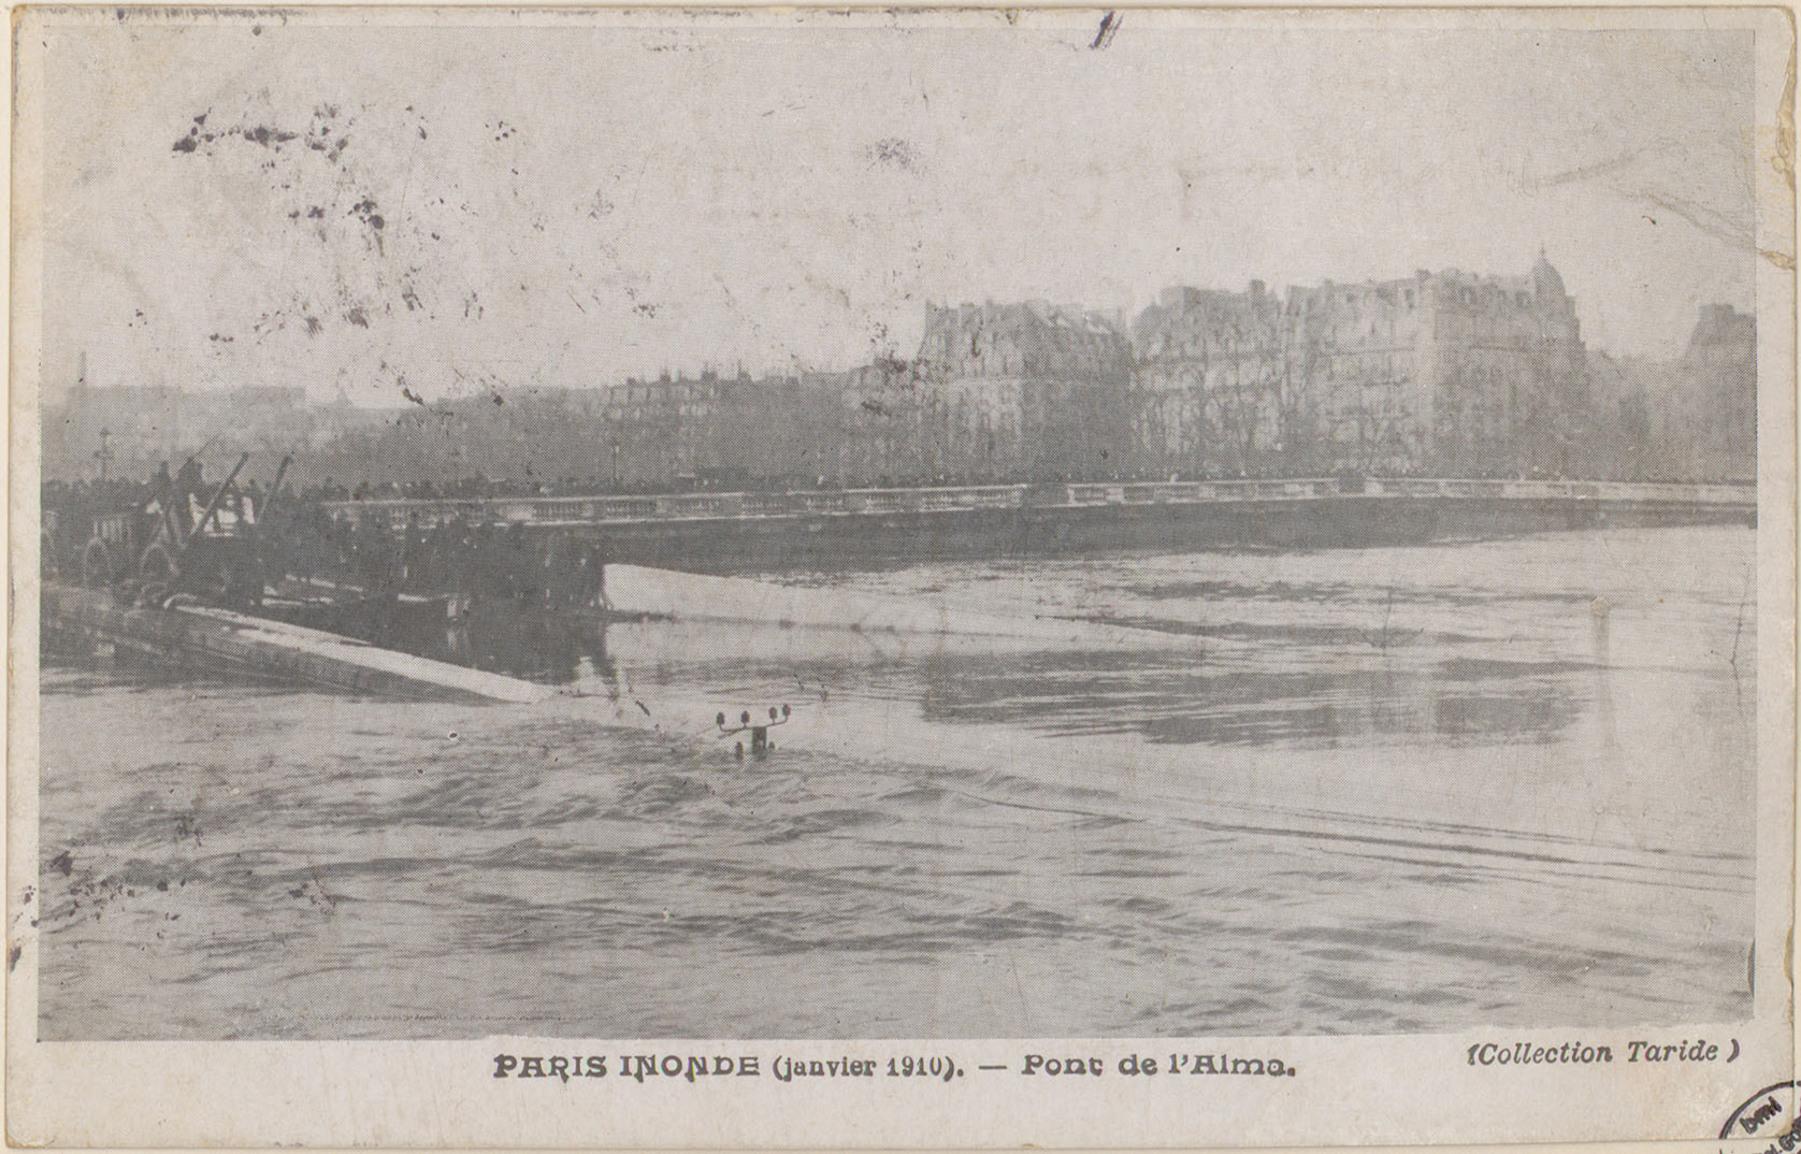 Contenu du Paris inondé (janvier 1910), Pont de l'Alma